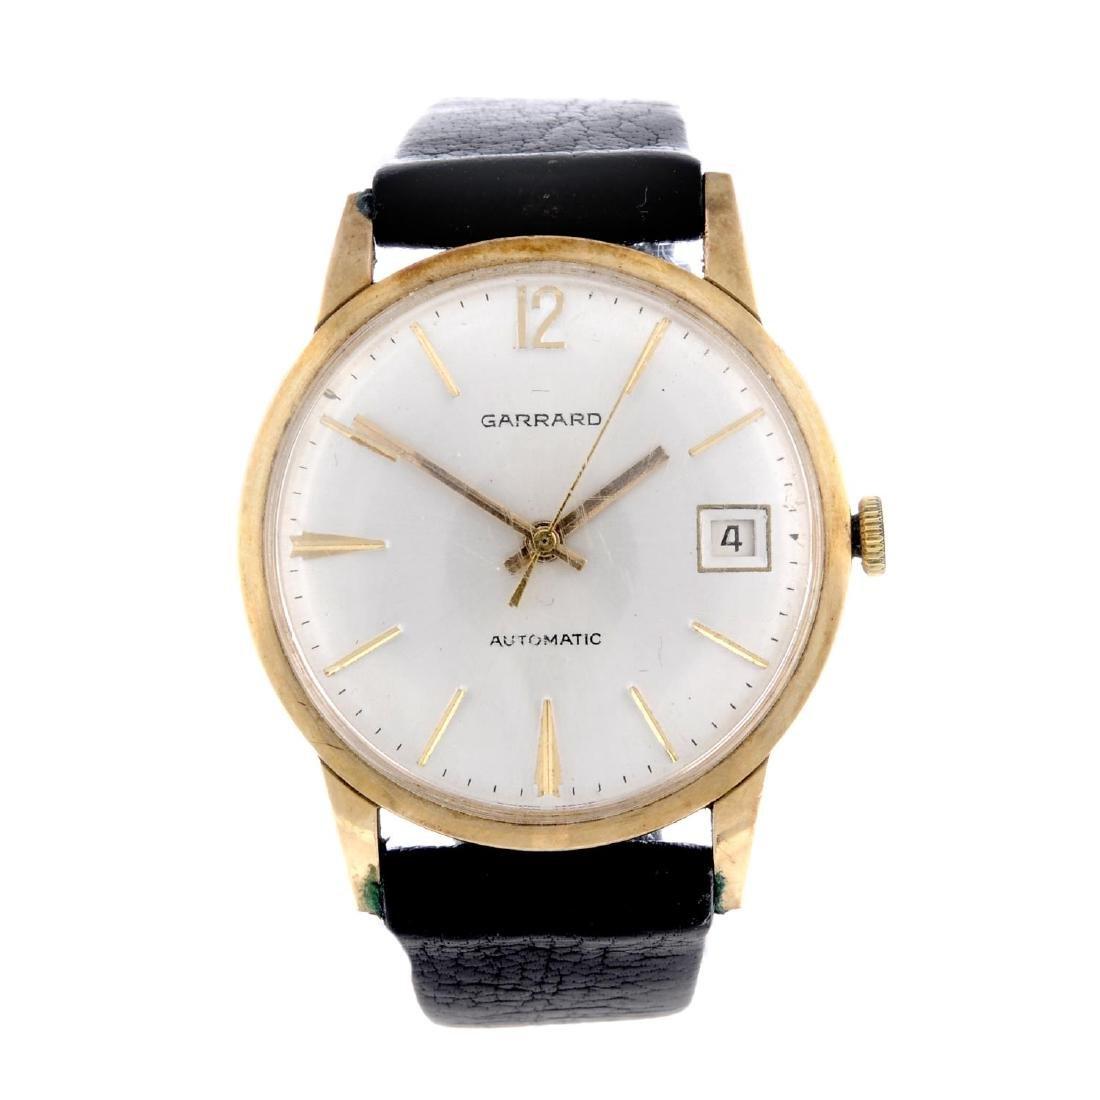 GARRARD - a gentleman's wrist watch. 9ct yellow gold